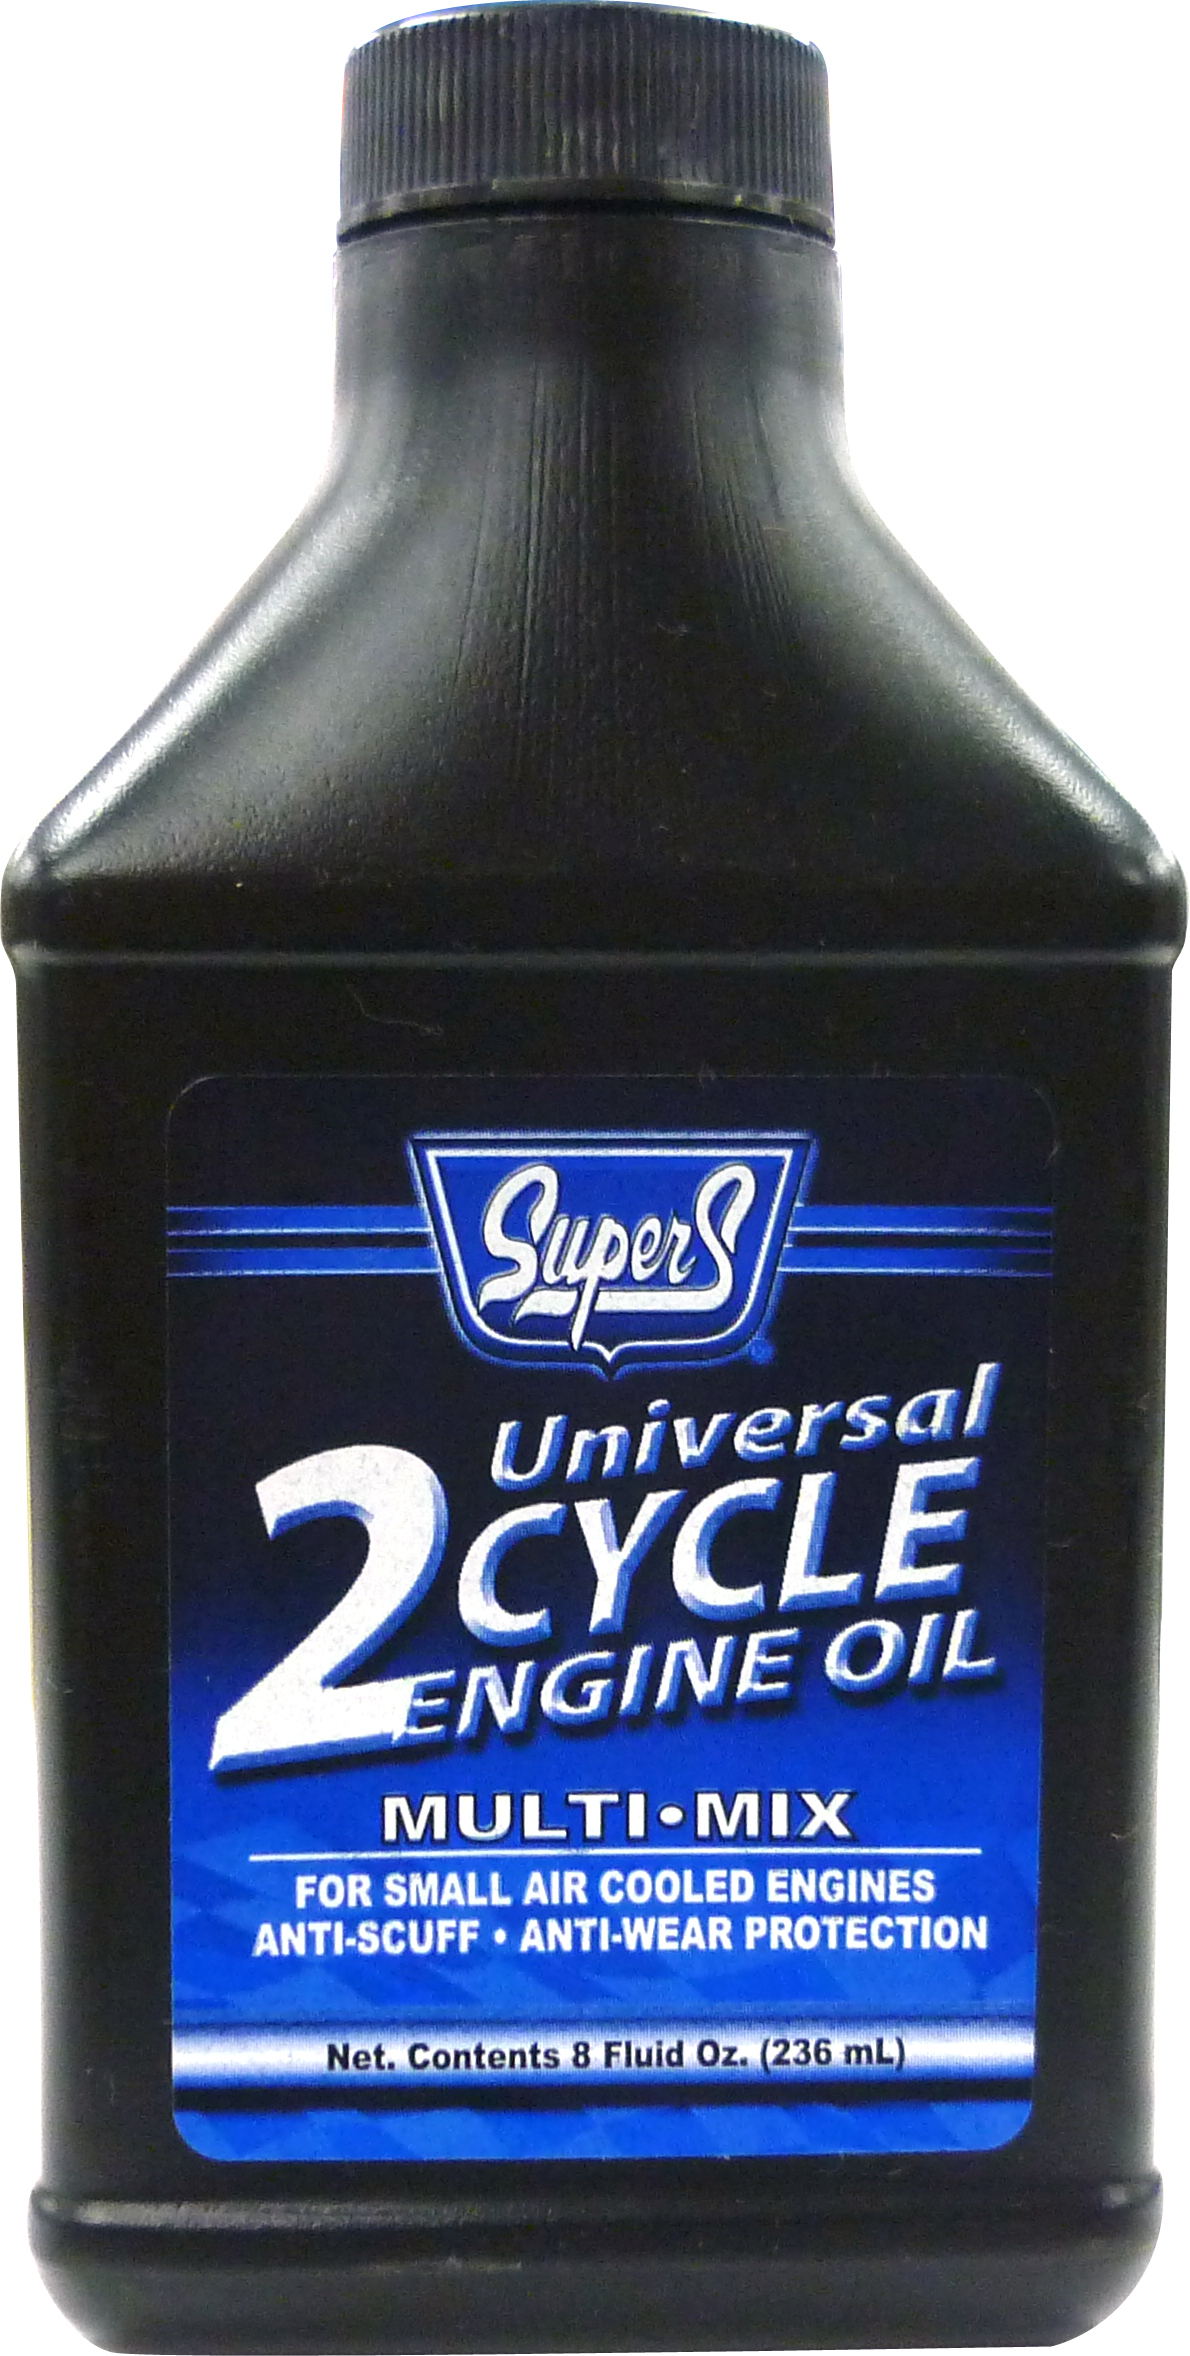 Aceite universal para motores pequeños 2 ciclos de 8oz SUPERS